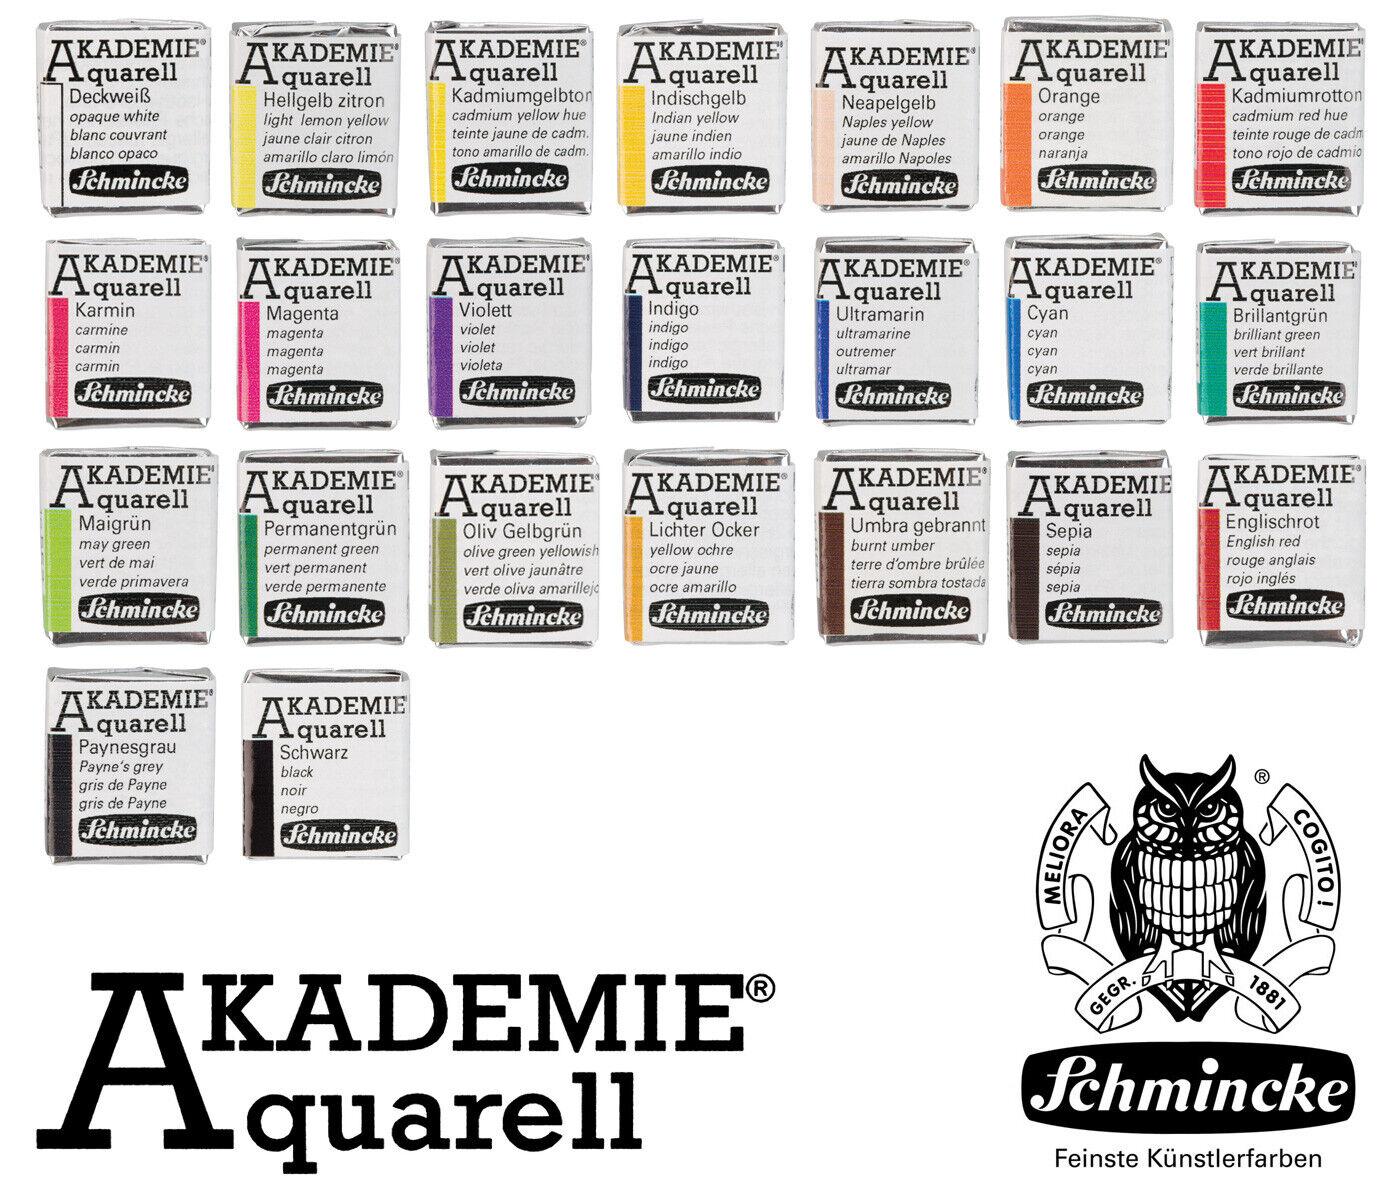 24 Farbtöne Schmincke Akademie® Feine Künstler Aquarellfarbe 1/2 Näpfchen